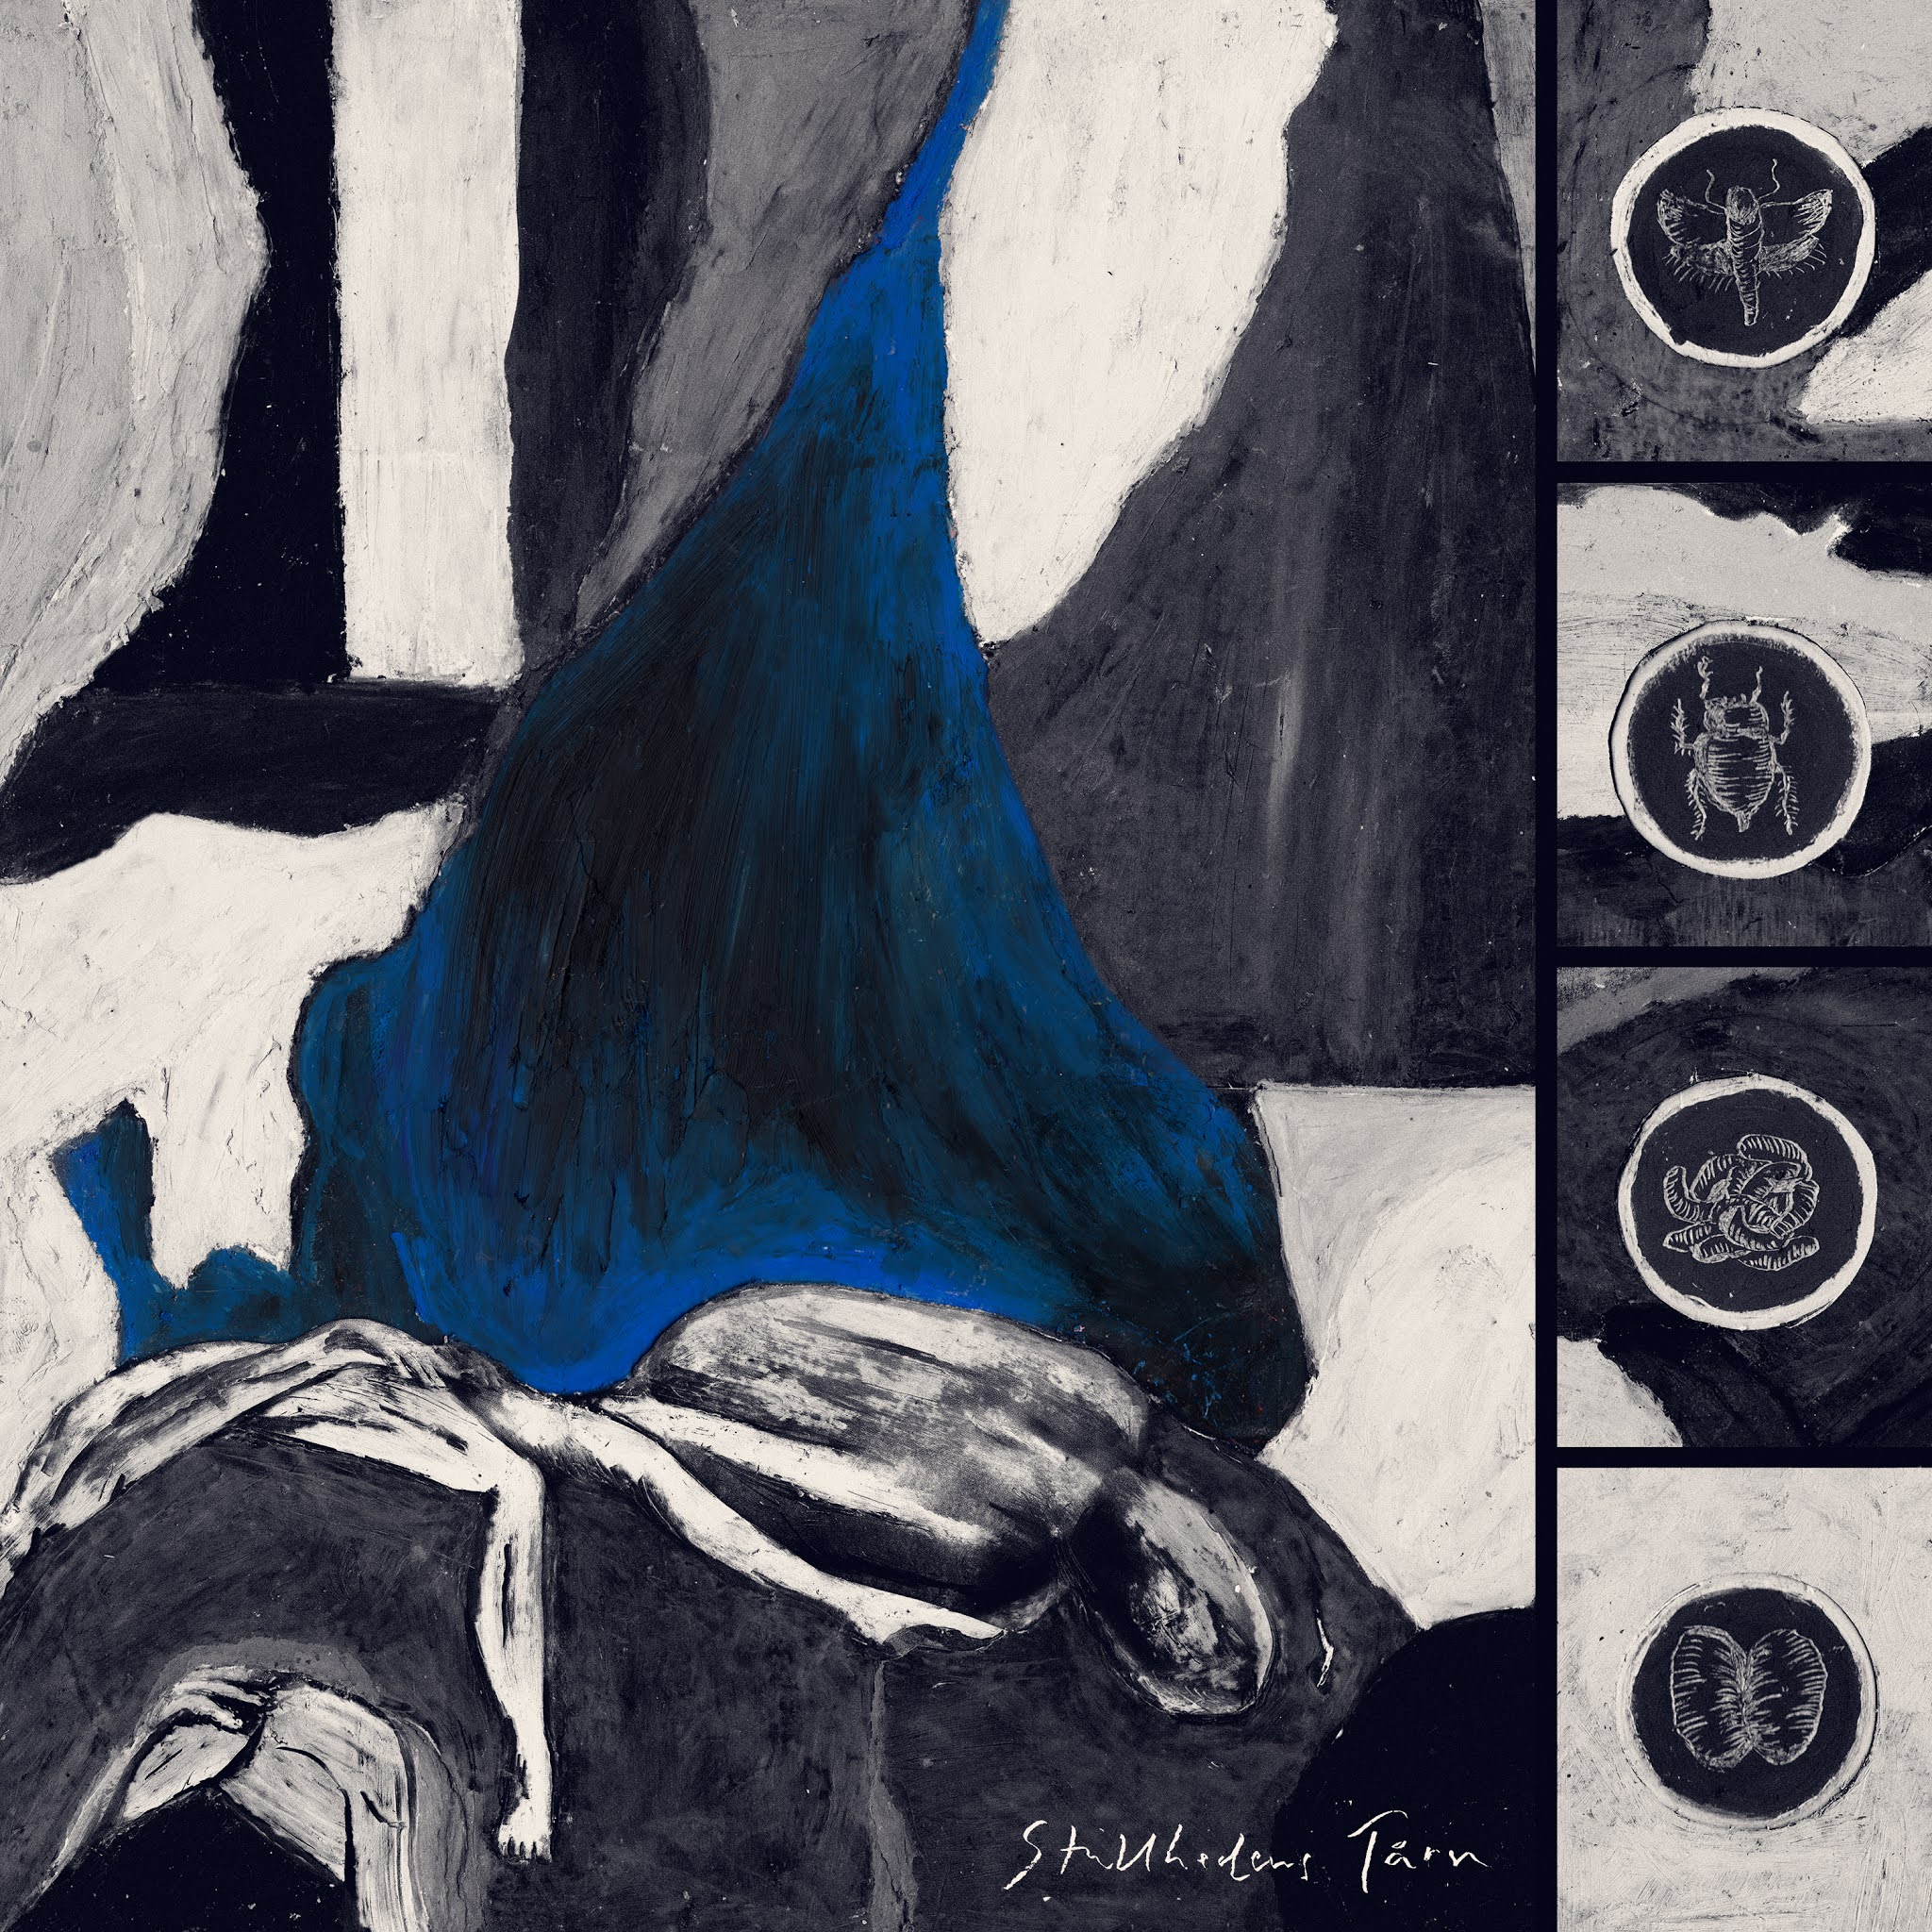 Offermose apazigua o caos no novo tema Stilhedens Tårn